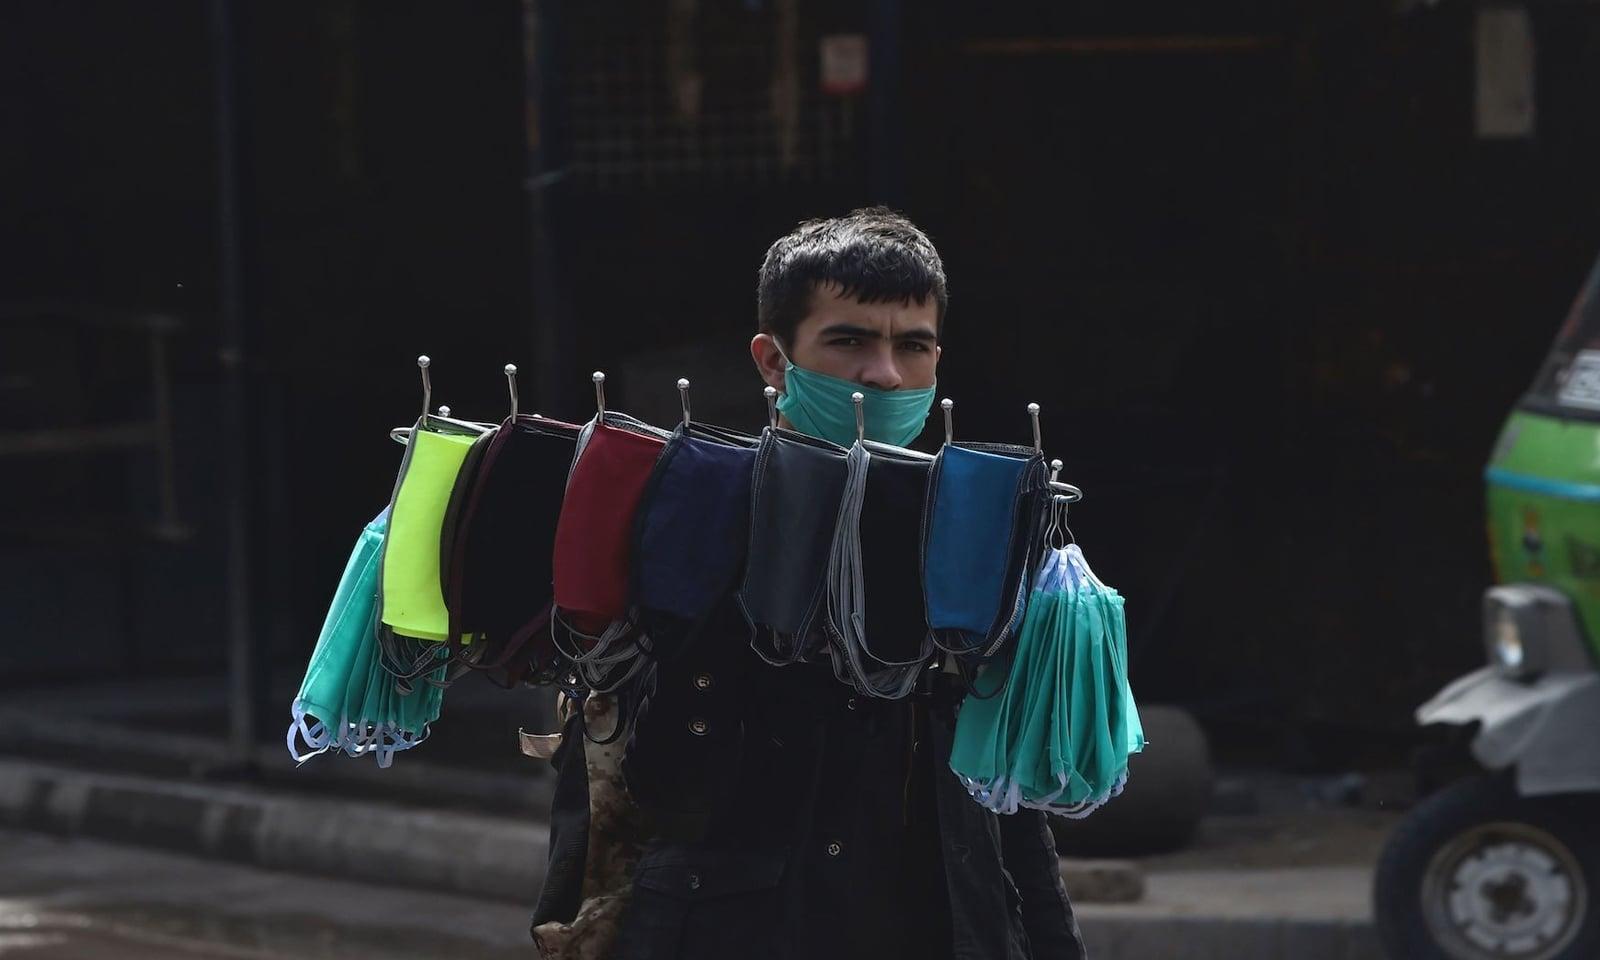 لاہور کی سنسان سڑک پر ایک شخص ماسک فروخت کرنے کی کوشش کر رہا ہے — فوٹو: اے ایف پی